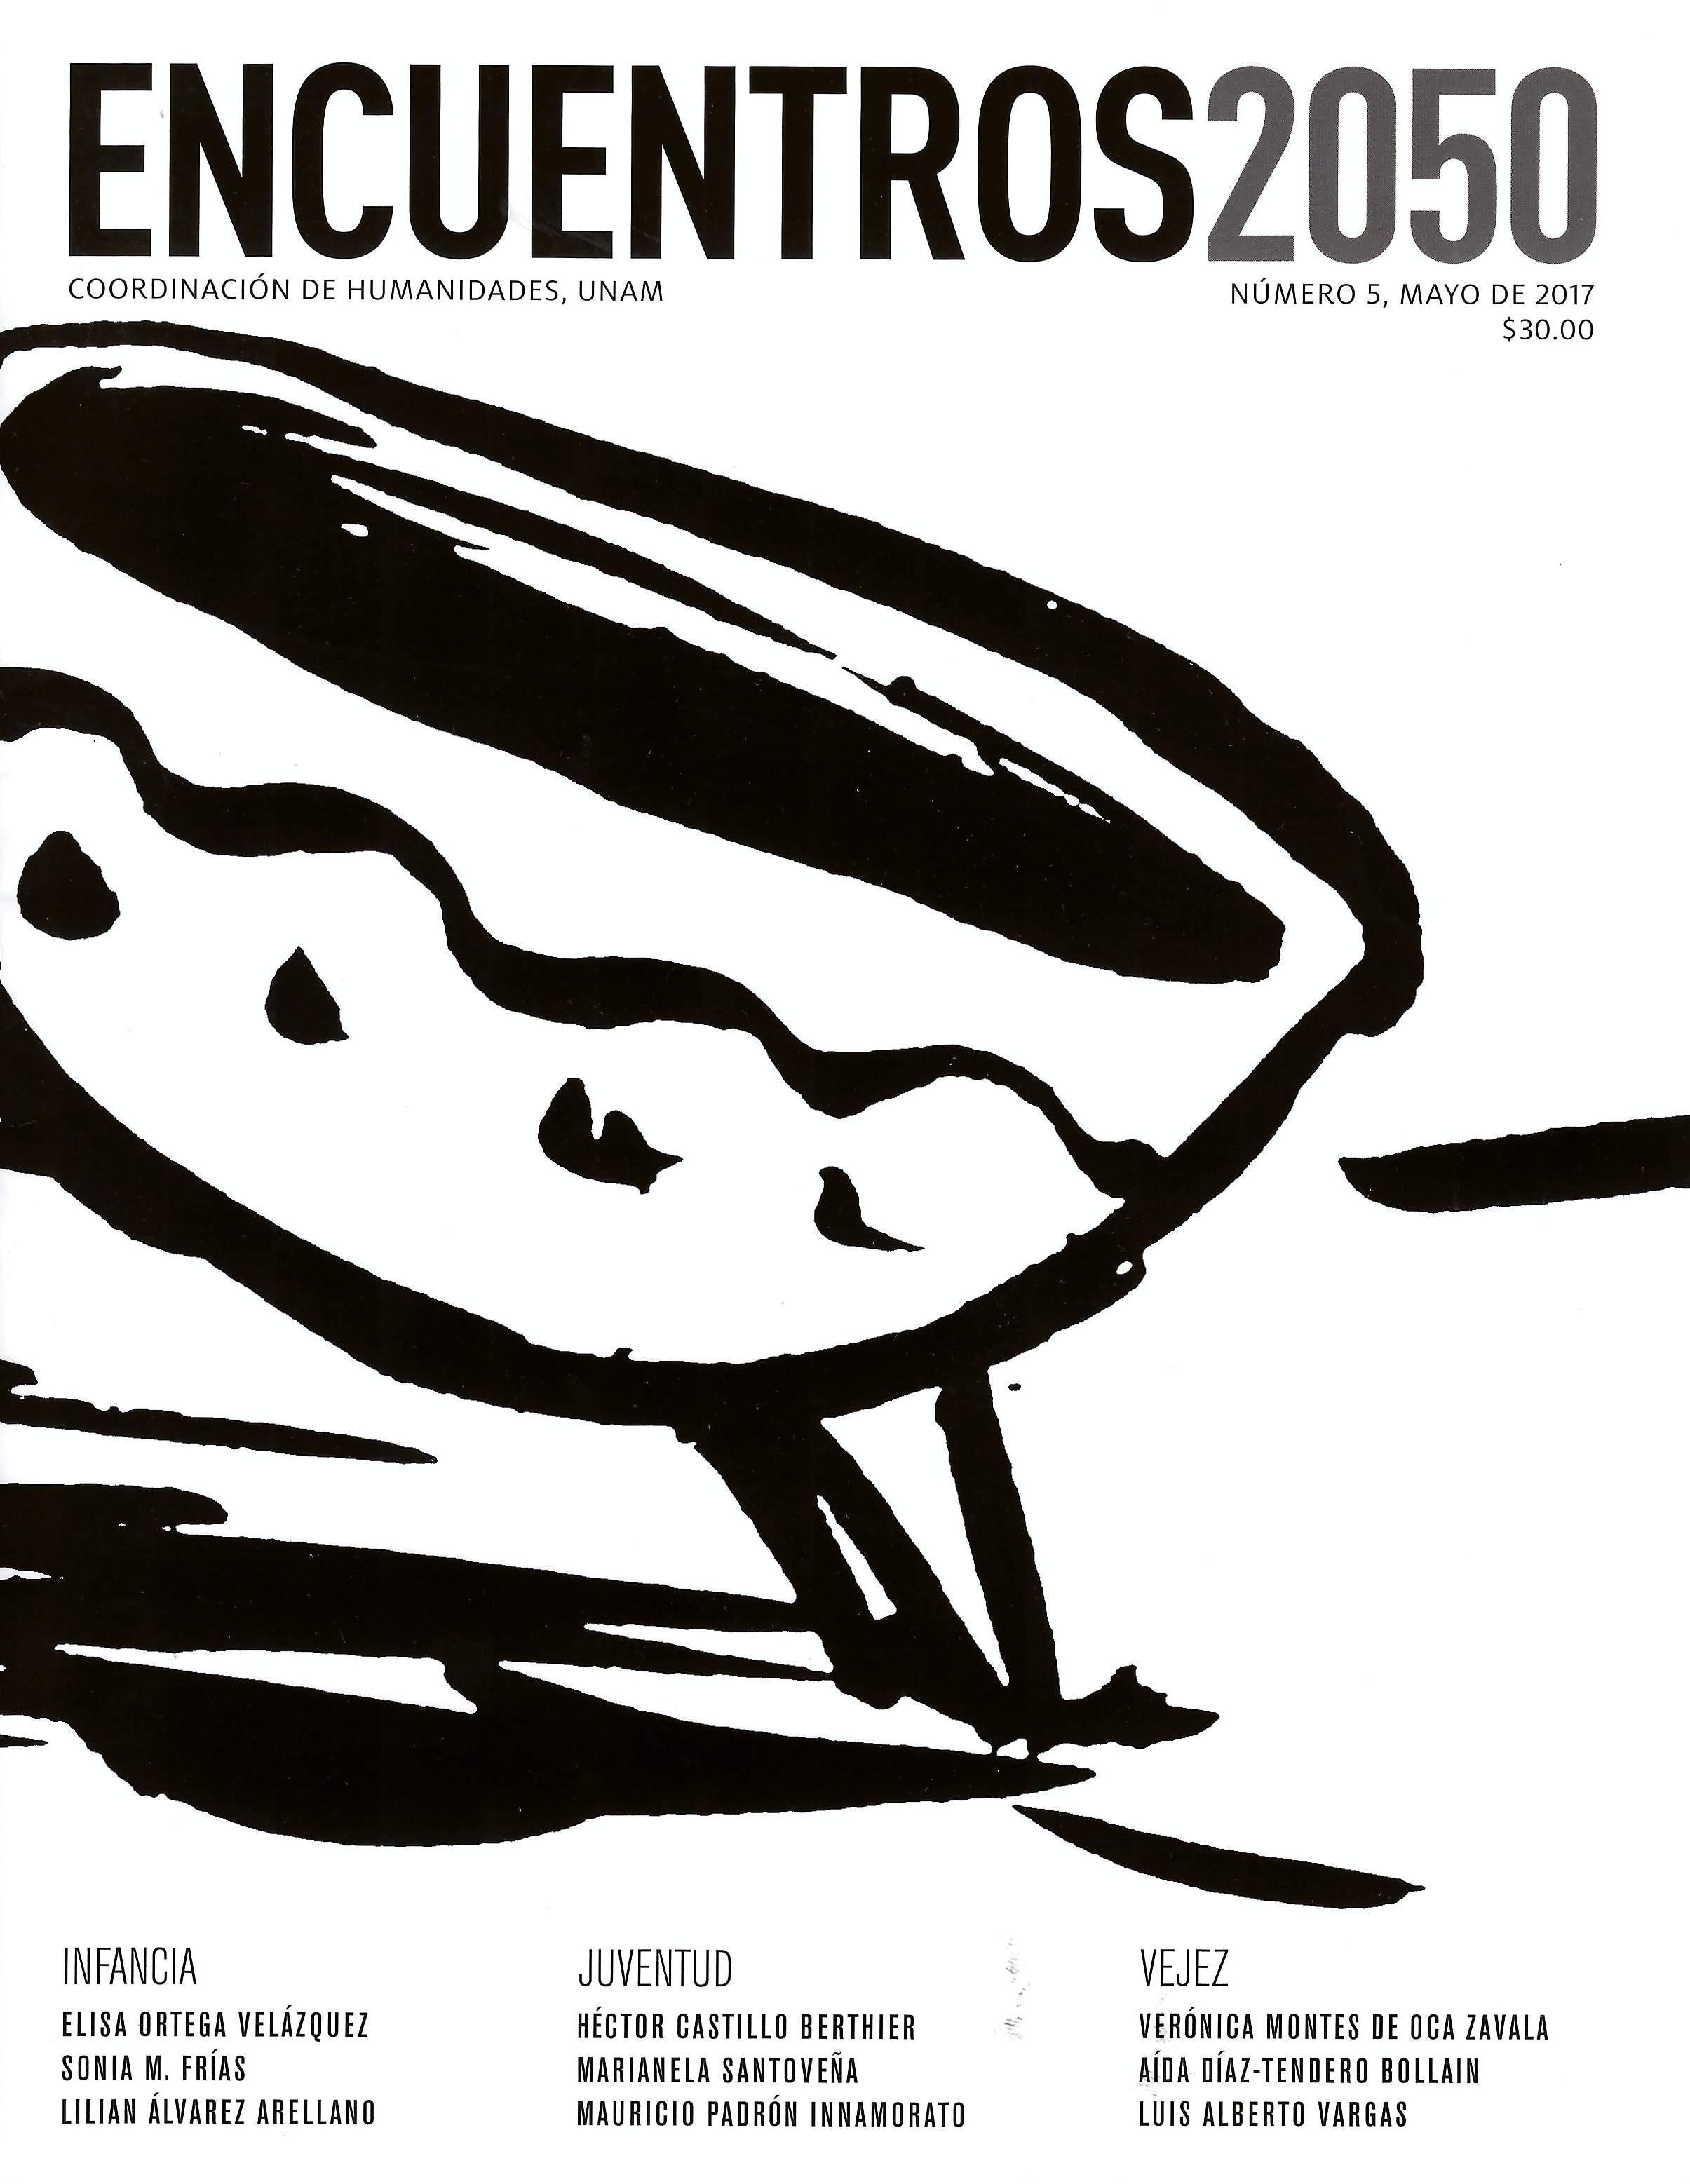 Revista Encuentros 2050, núm. 5, mayo 2017